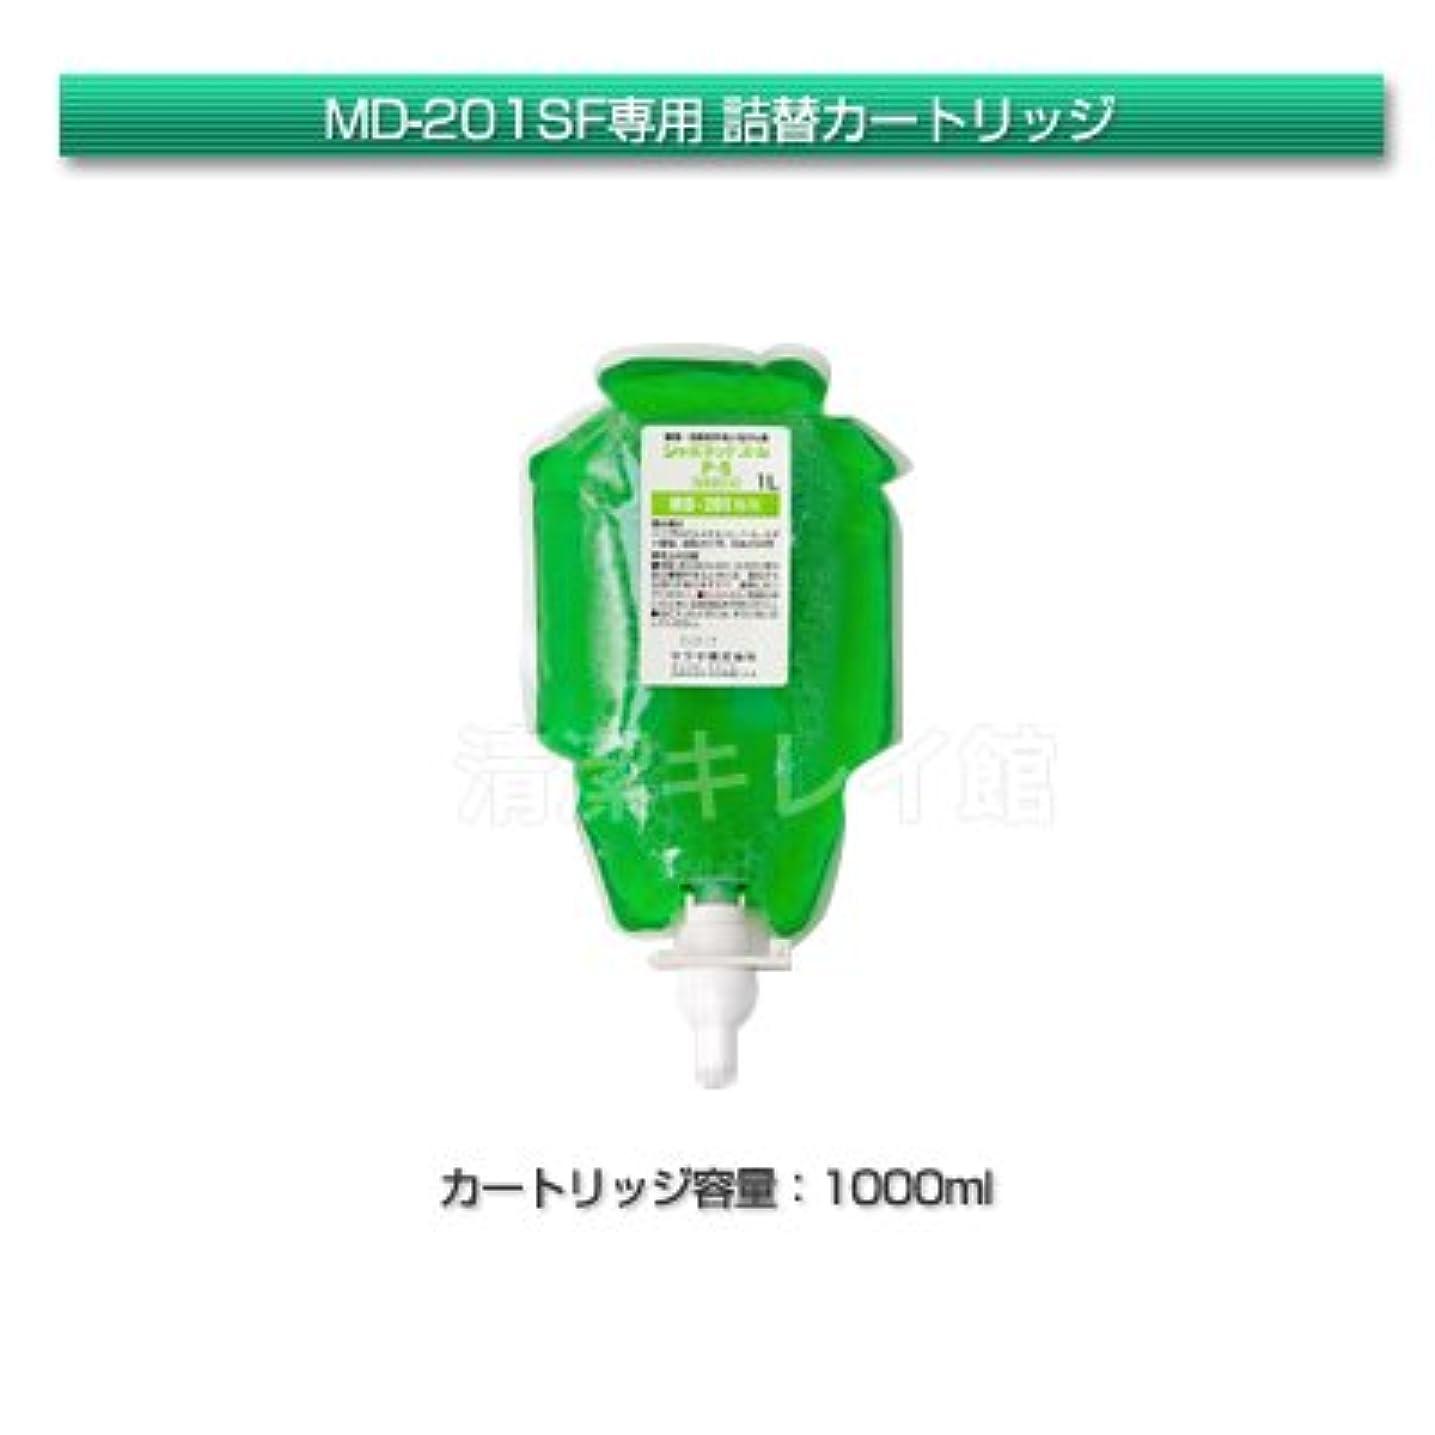 電気逆に汚染するサラヤ プッシュ式石鹸液 MD-201SF(泡)専用カートリッジ(ユムP-5)1000ml【清潔キレイ館】